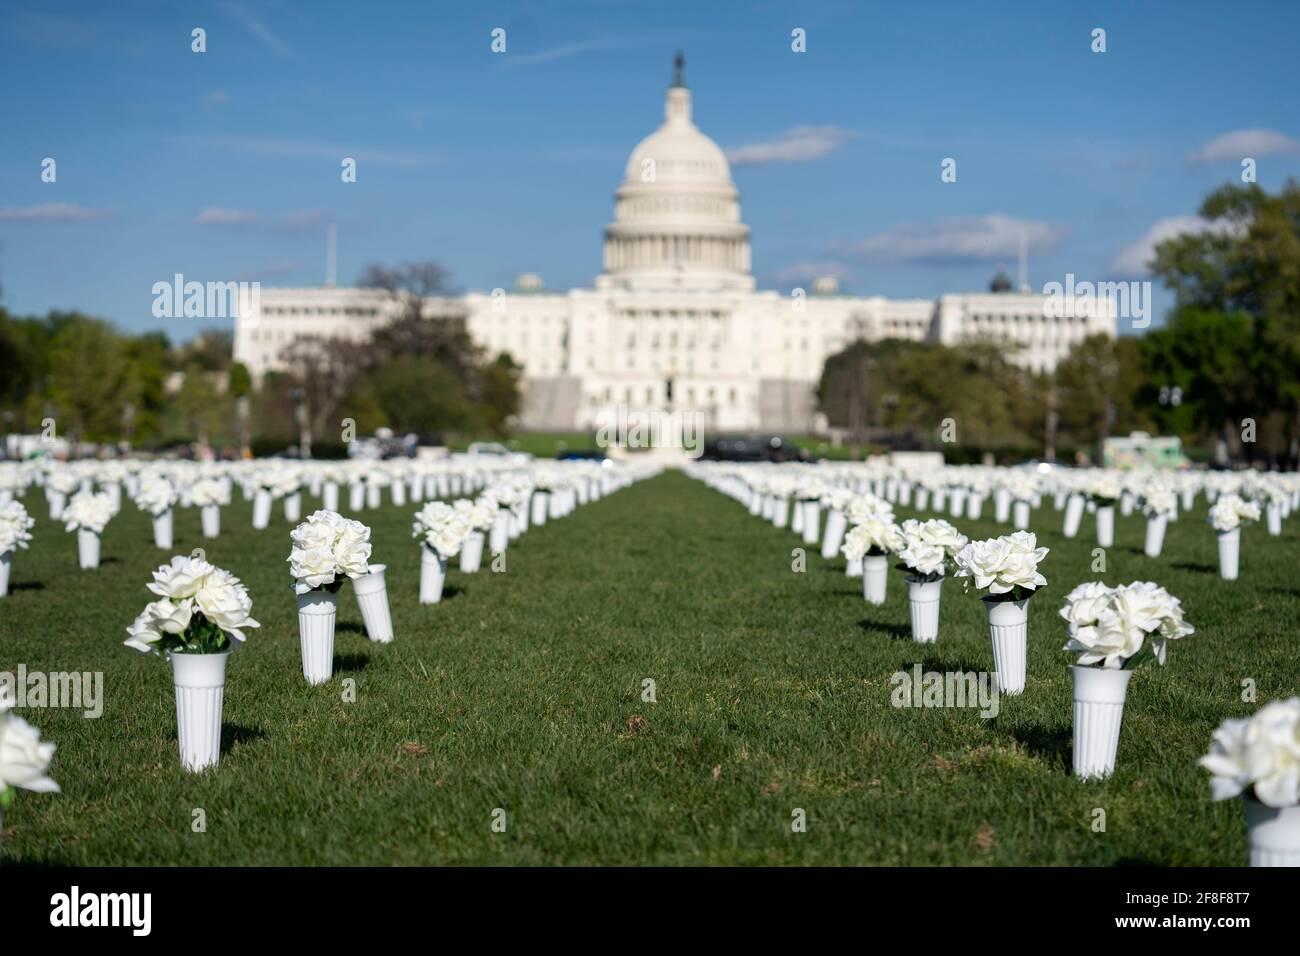 Washington, Estados Unidos. 13th de Abr de 2021. Foto tomada el 13 de abril de 2021 muestra 40.000 flores de seda blanca instaladas en el National Mall para honrar a los casi 40.000 estadounidenses que mueren cada año por violencia armada en Washington, DC, Estados Unidos. Crédito: Liu Jie/Xinhua/Alamy Live News Foto de stock